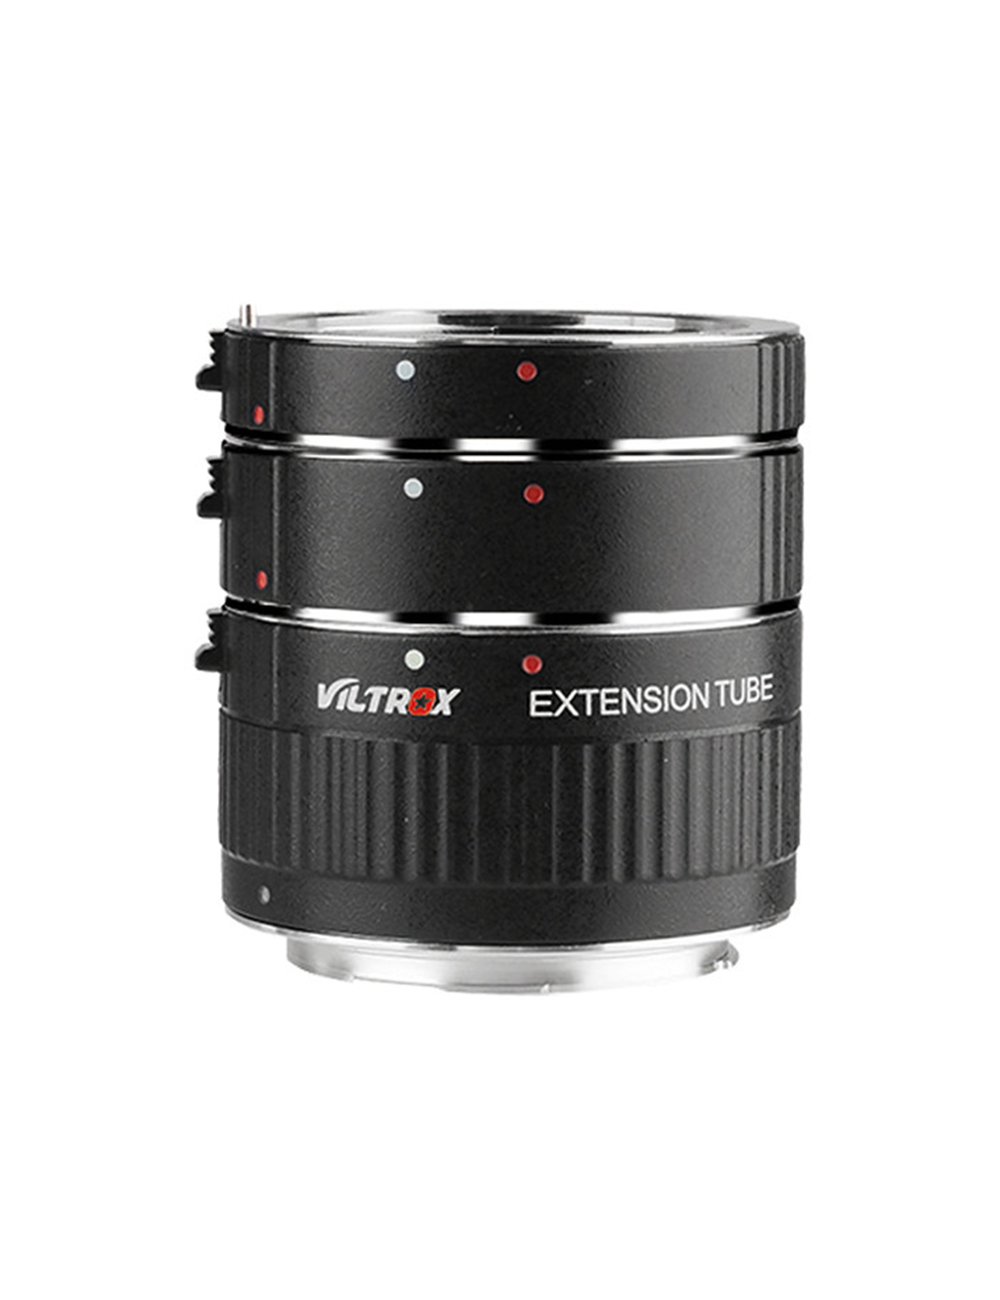 Filtro ND2-400 Fancier 58mm